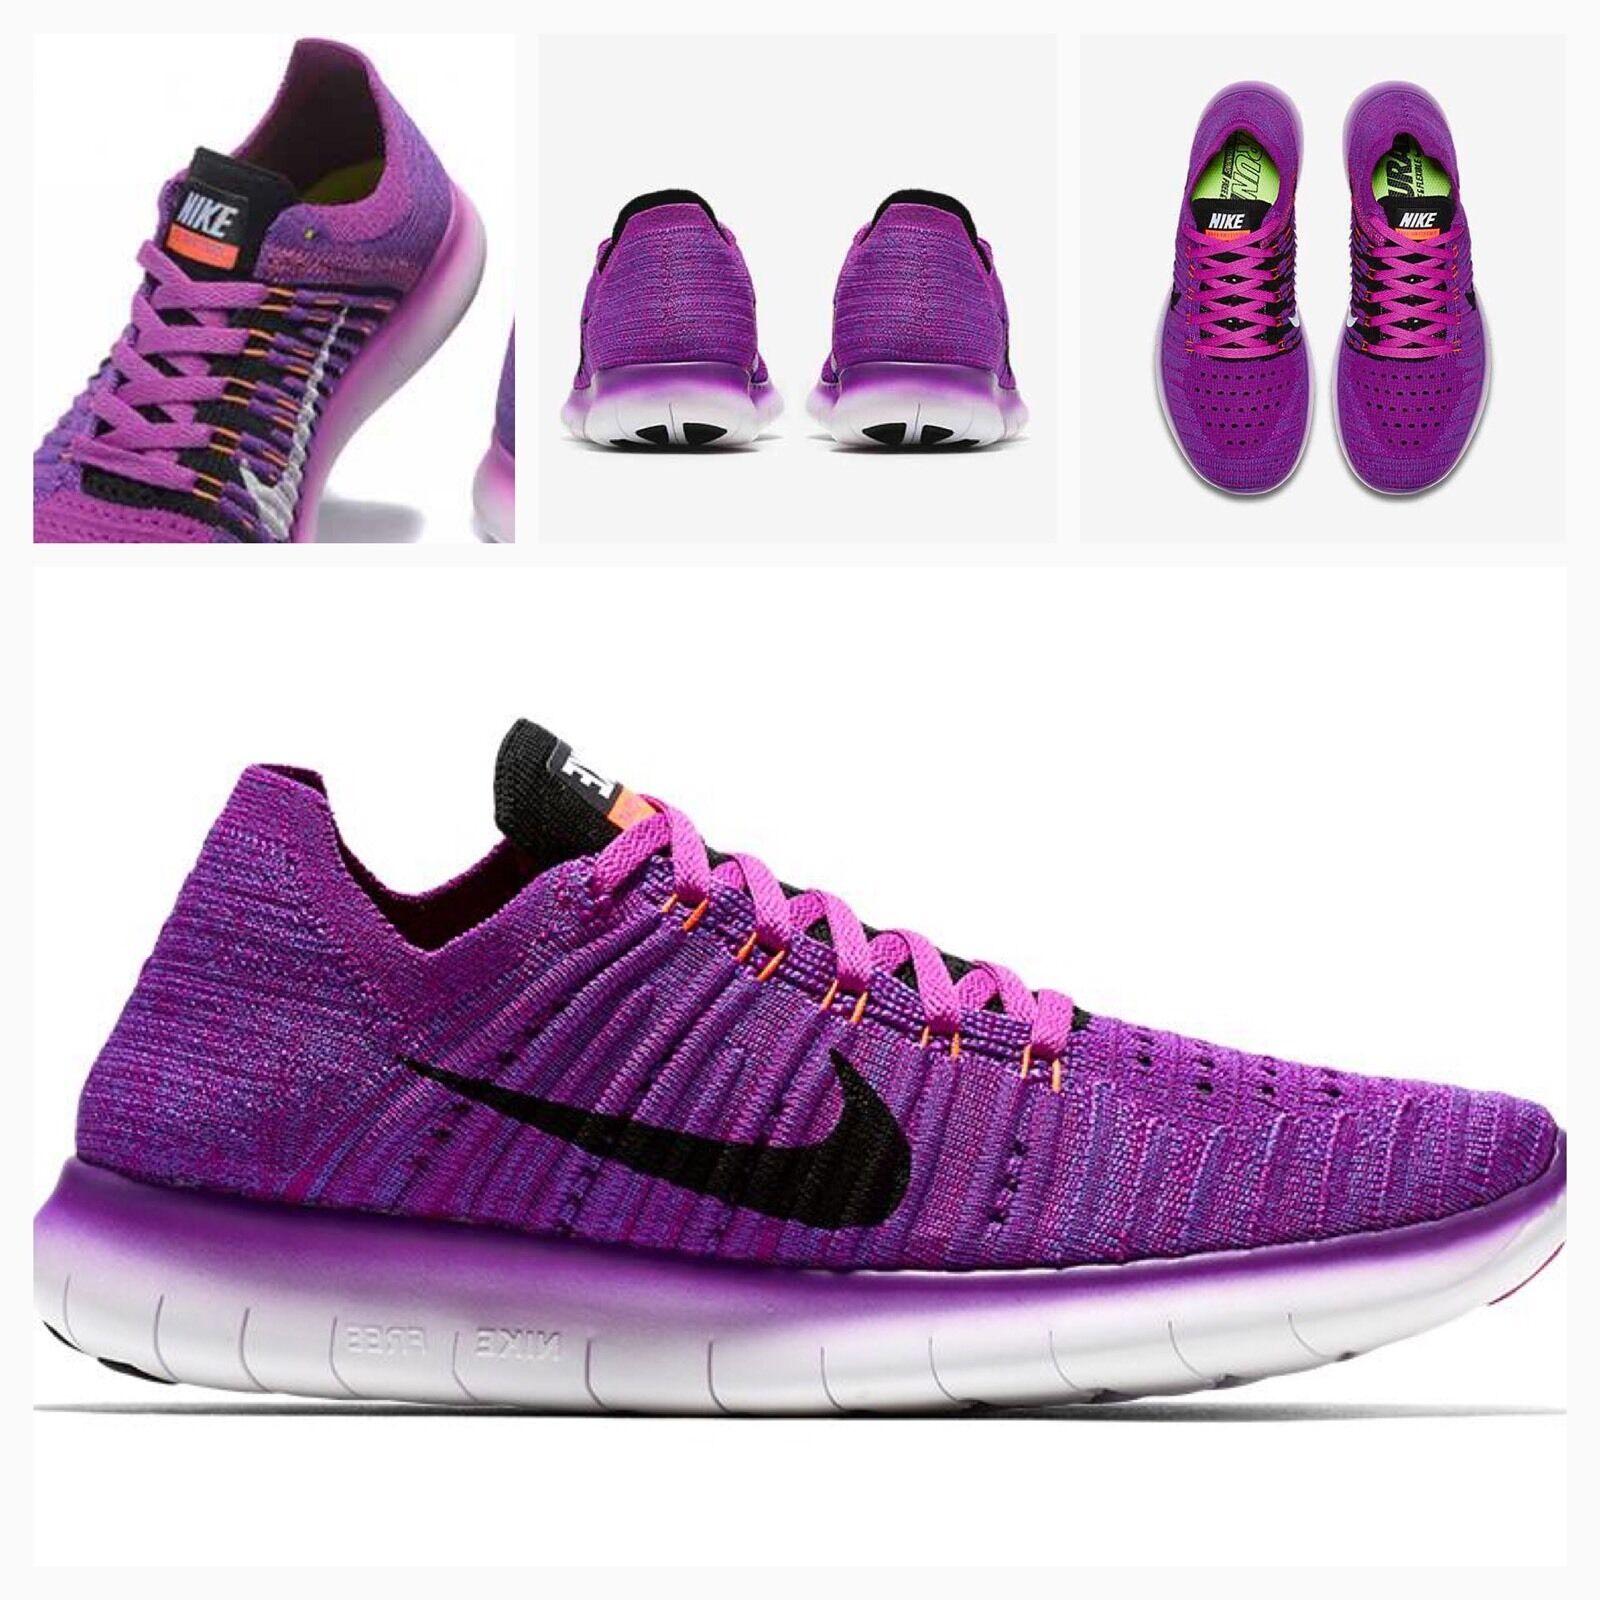 BNIB Femme Nike Free RN Flyknit4.5 WMNS Run Trainers Gym Running 831070-501